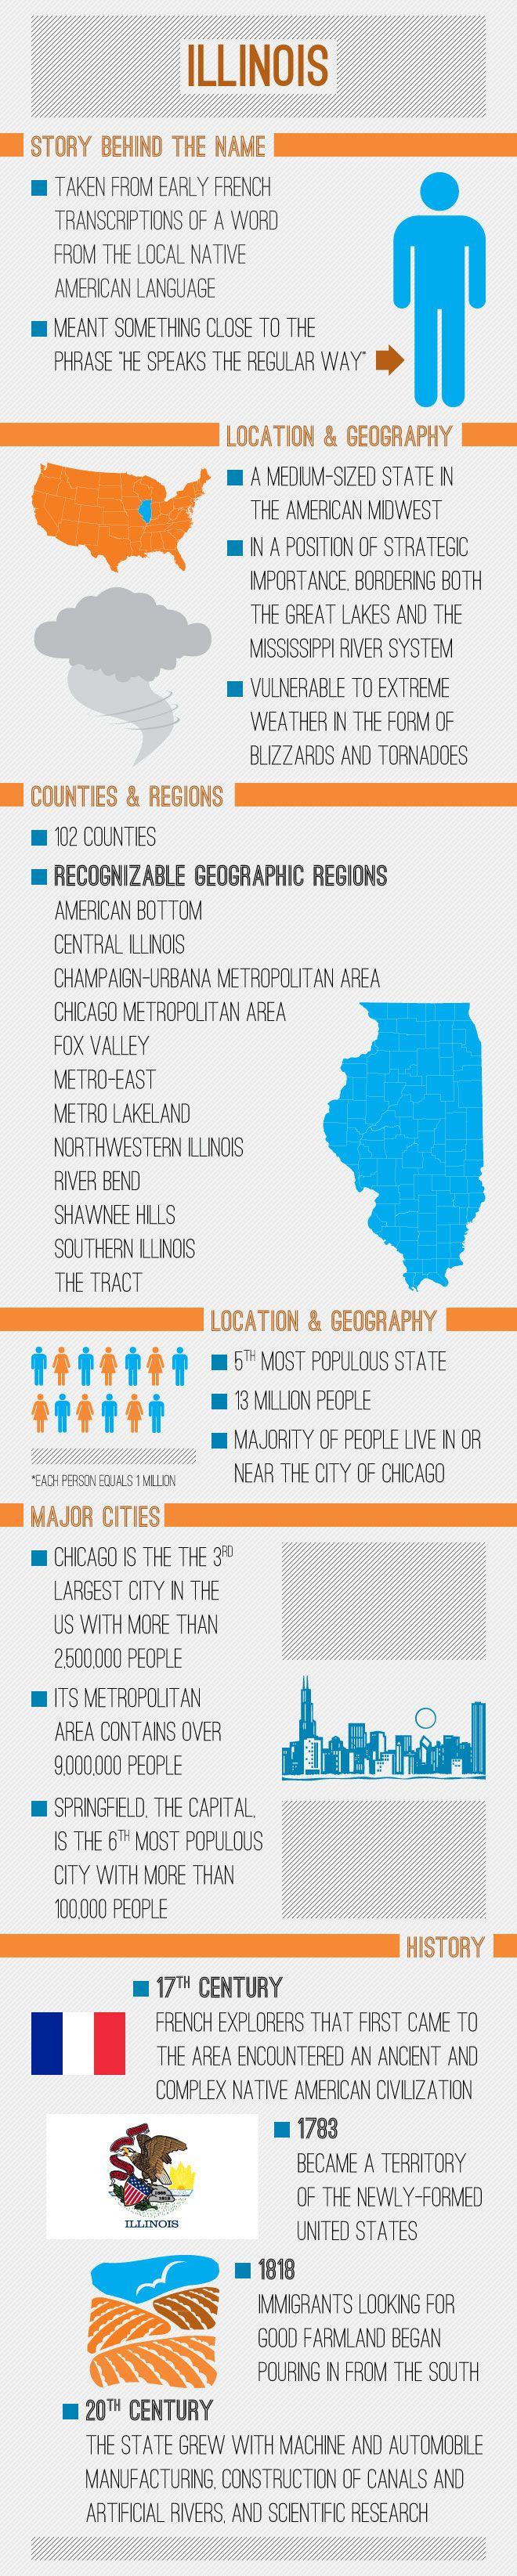 Illinois hancock county elvaston - Infographic Of Illinois Facts